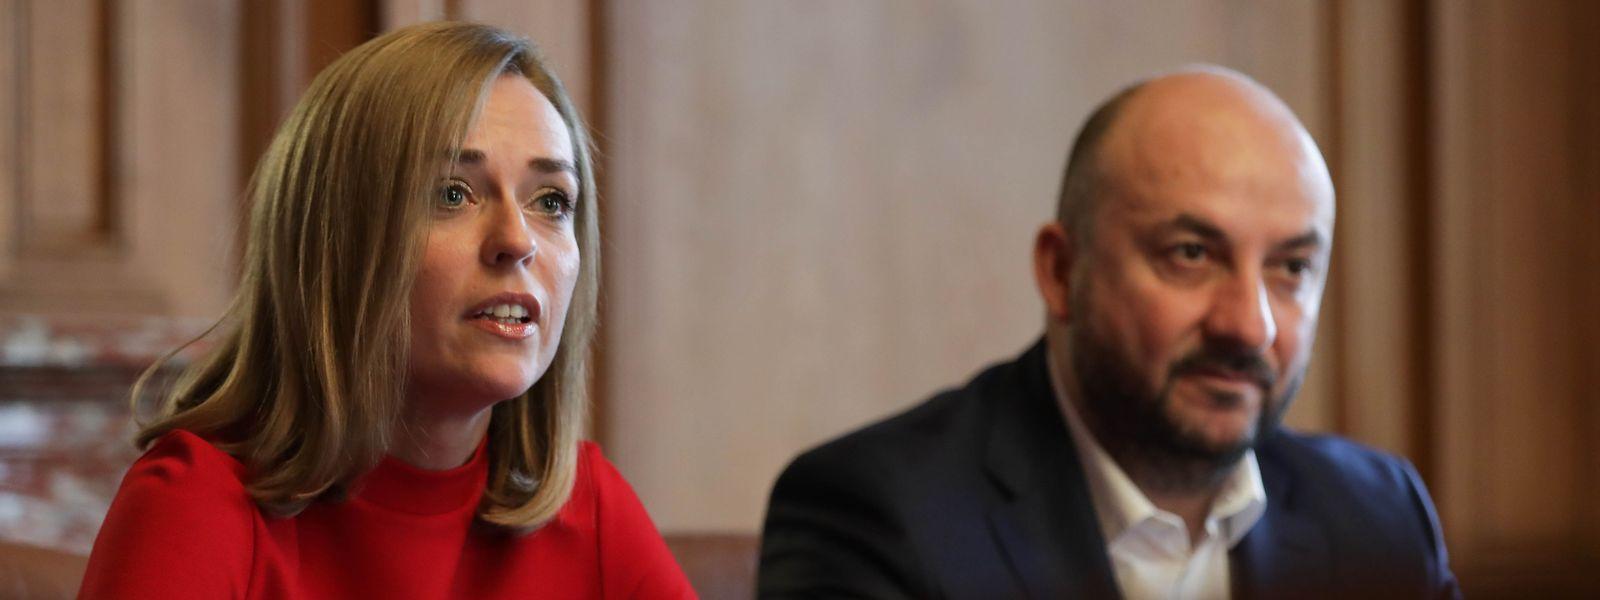 D'après la ministre Taina Bofferding, l'égalité entre les femmes et les hommes est un devoir pour le gouvernement.